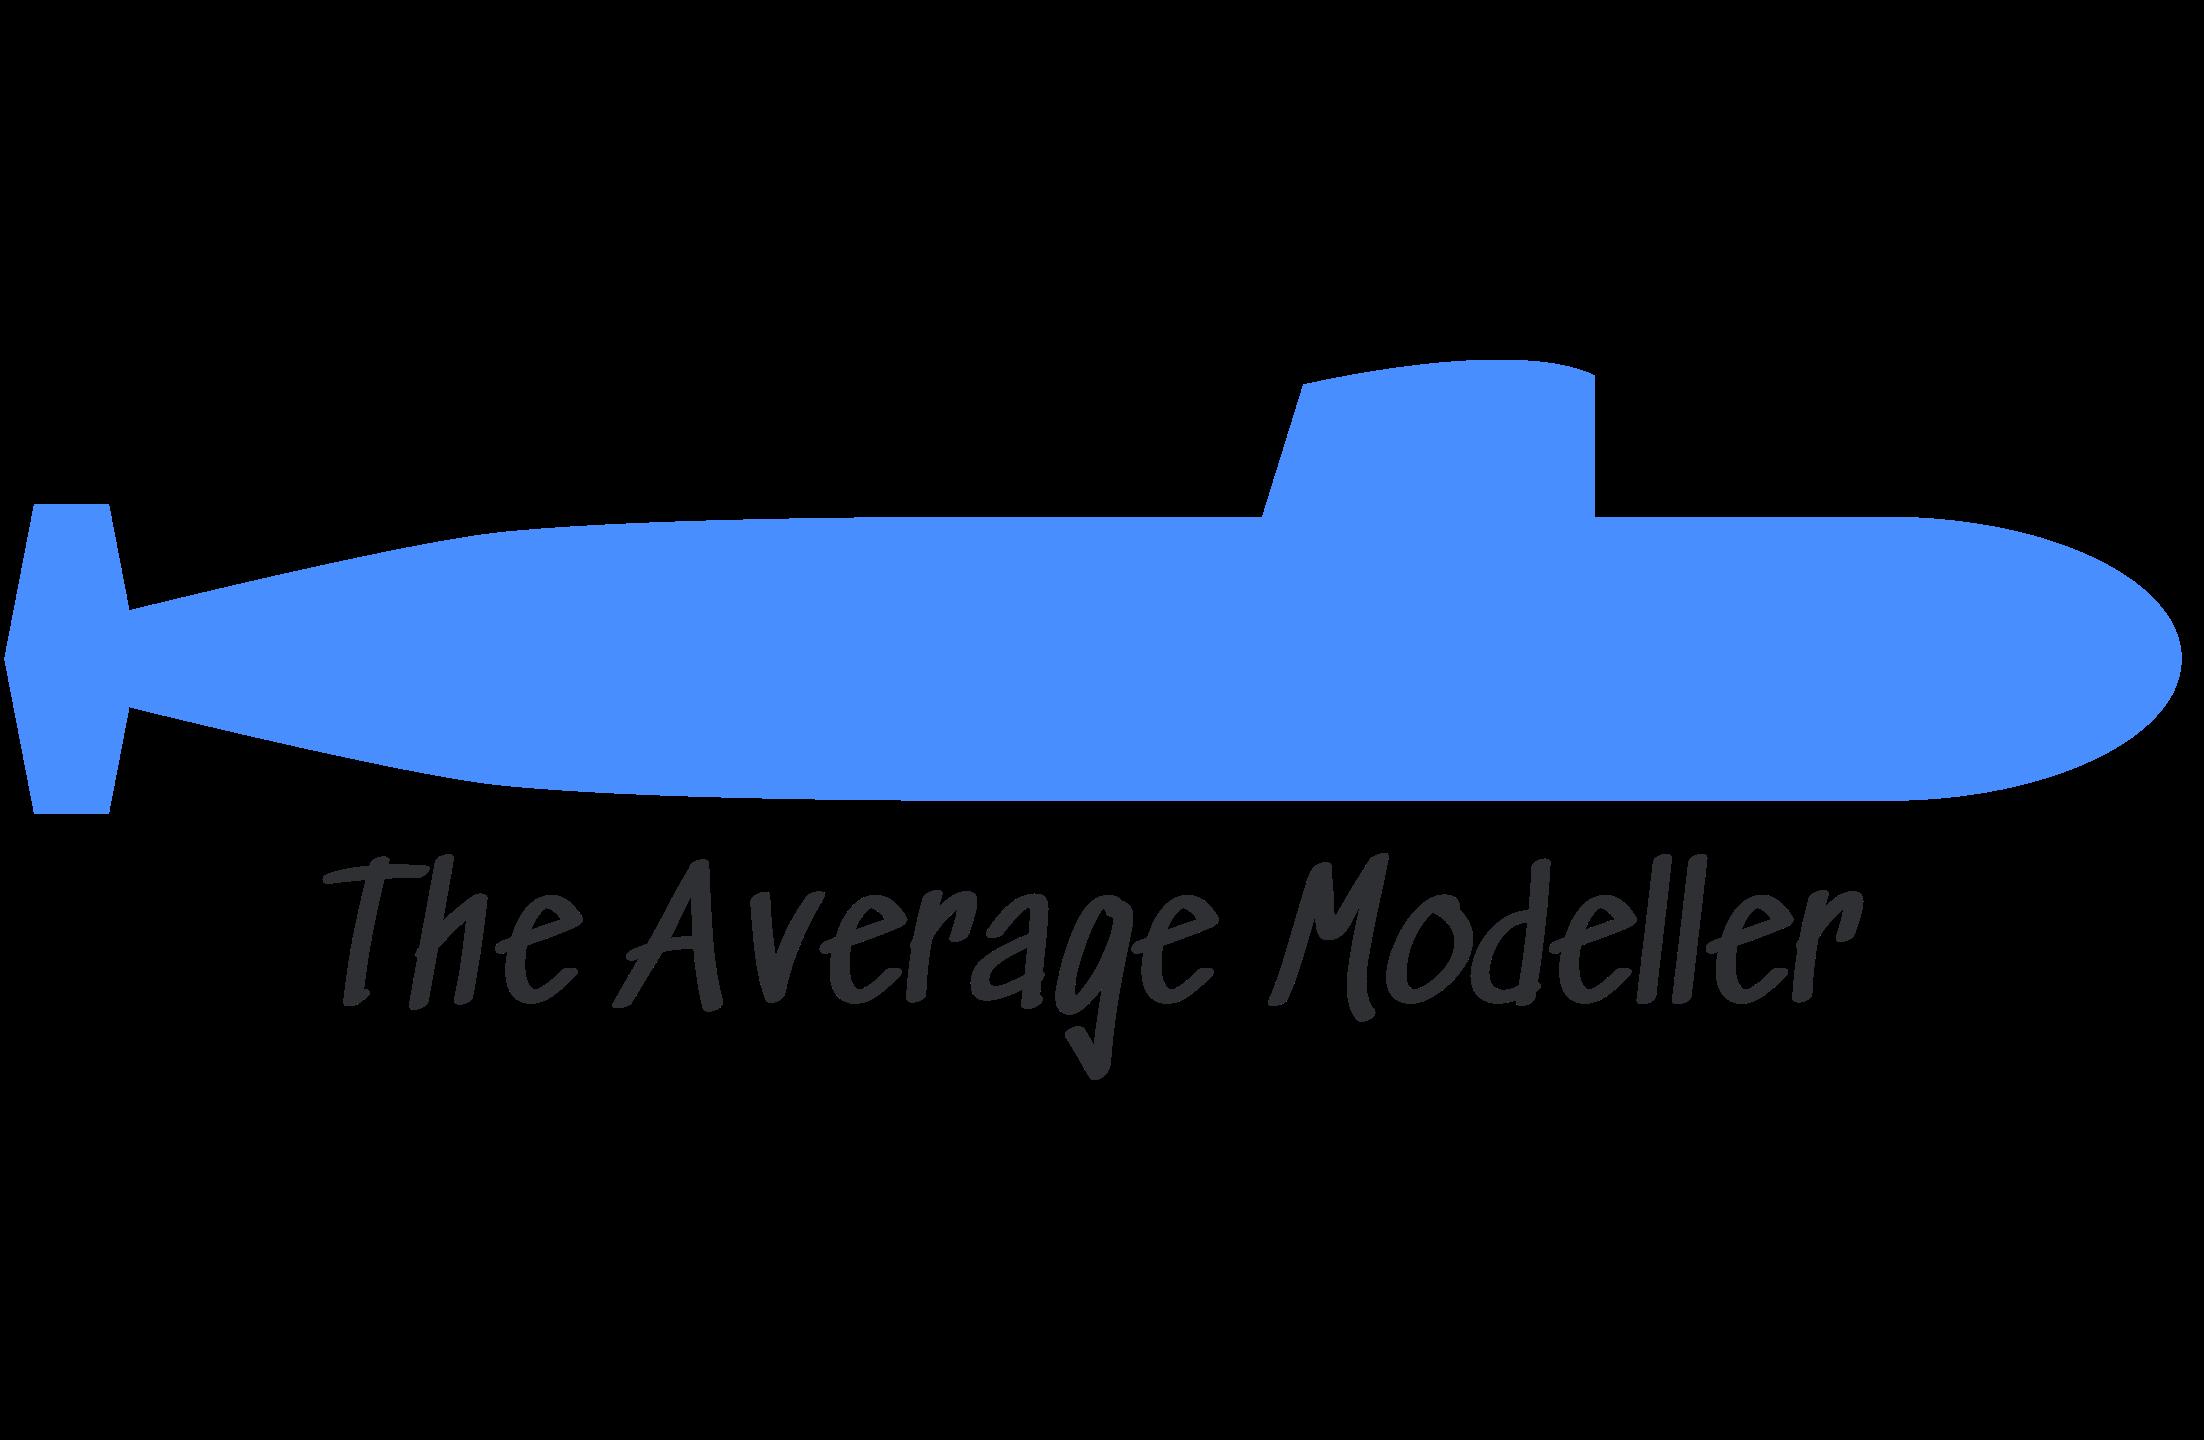 The Average Modeller